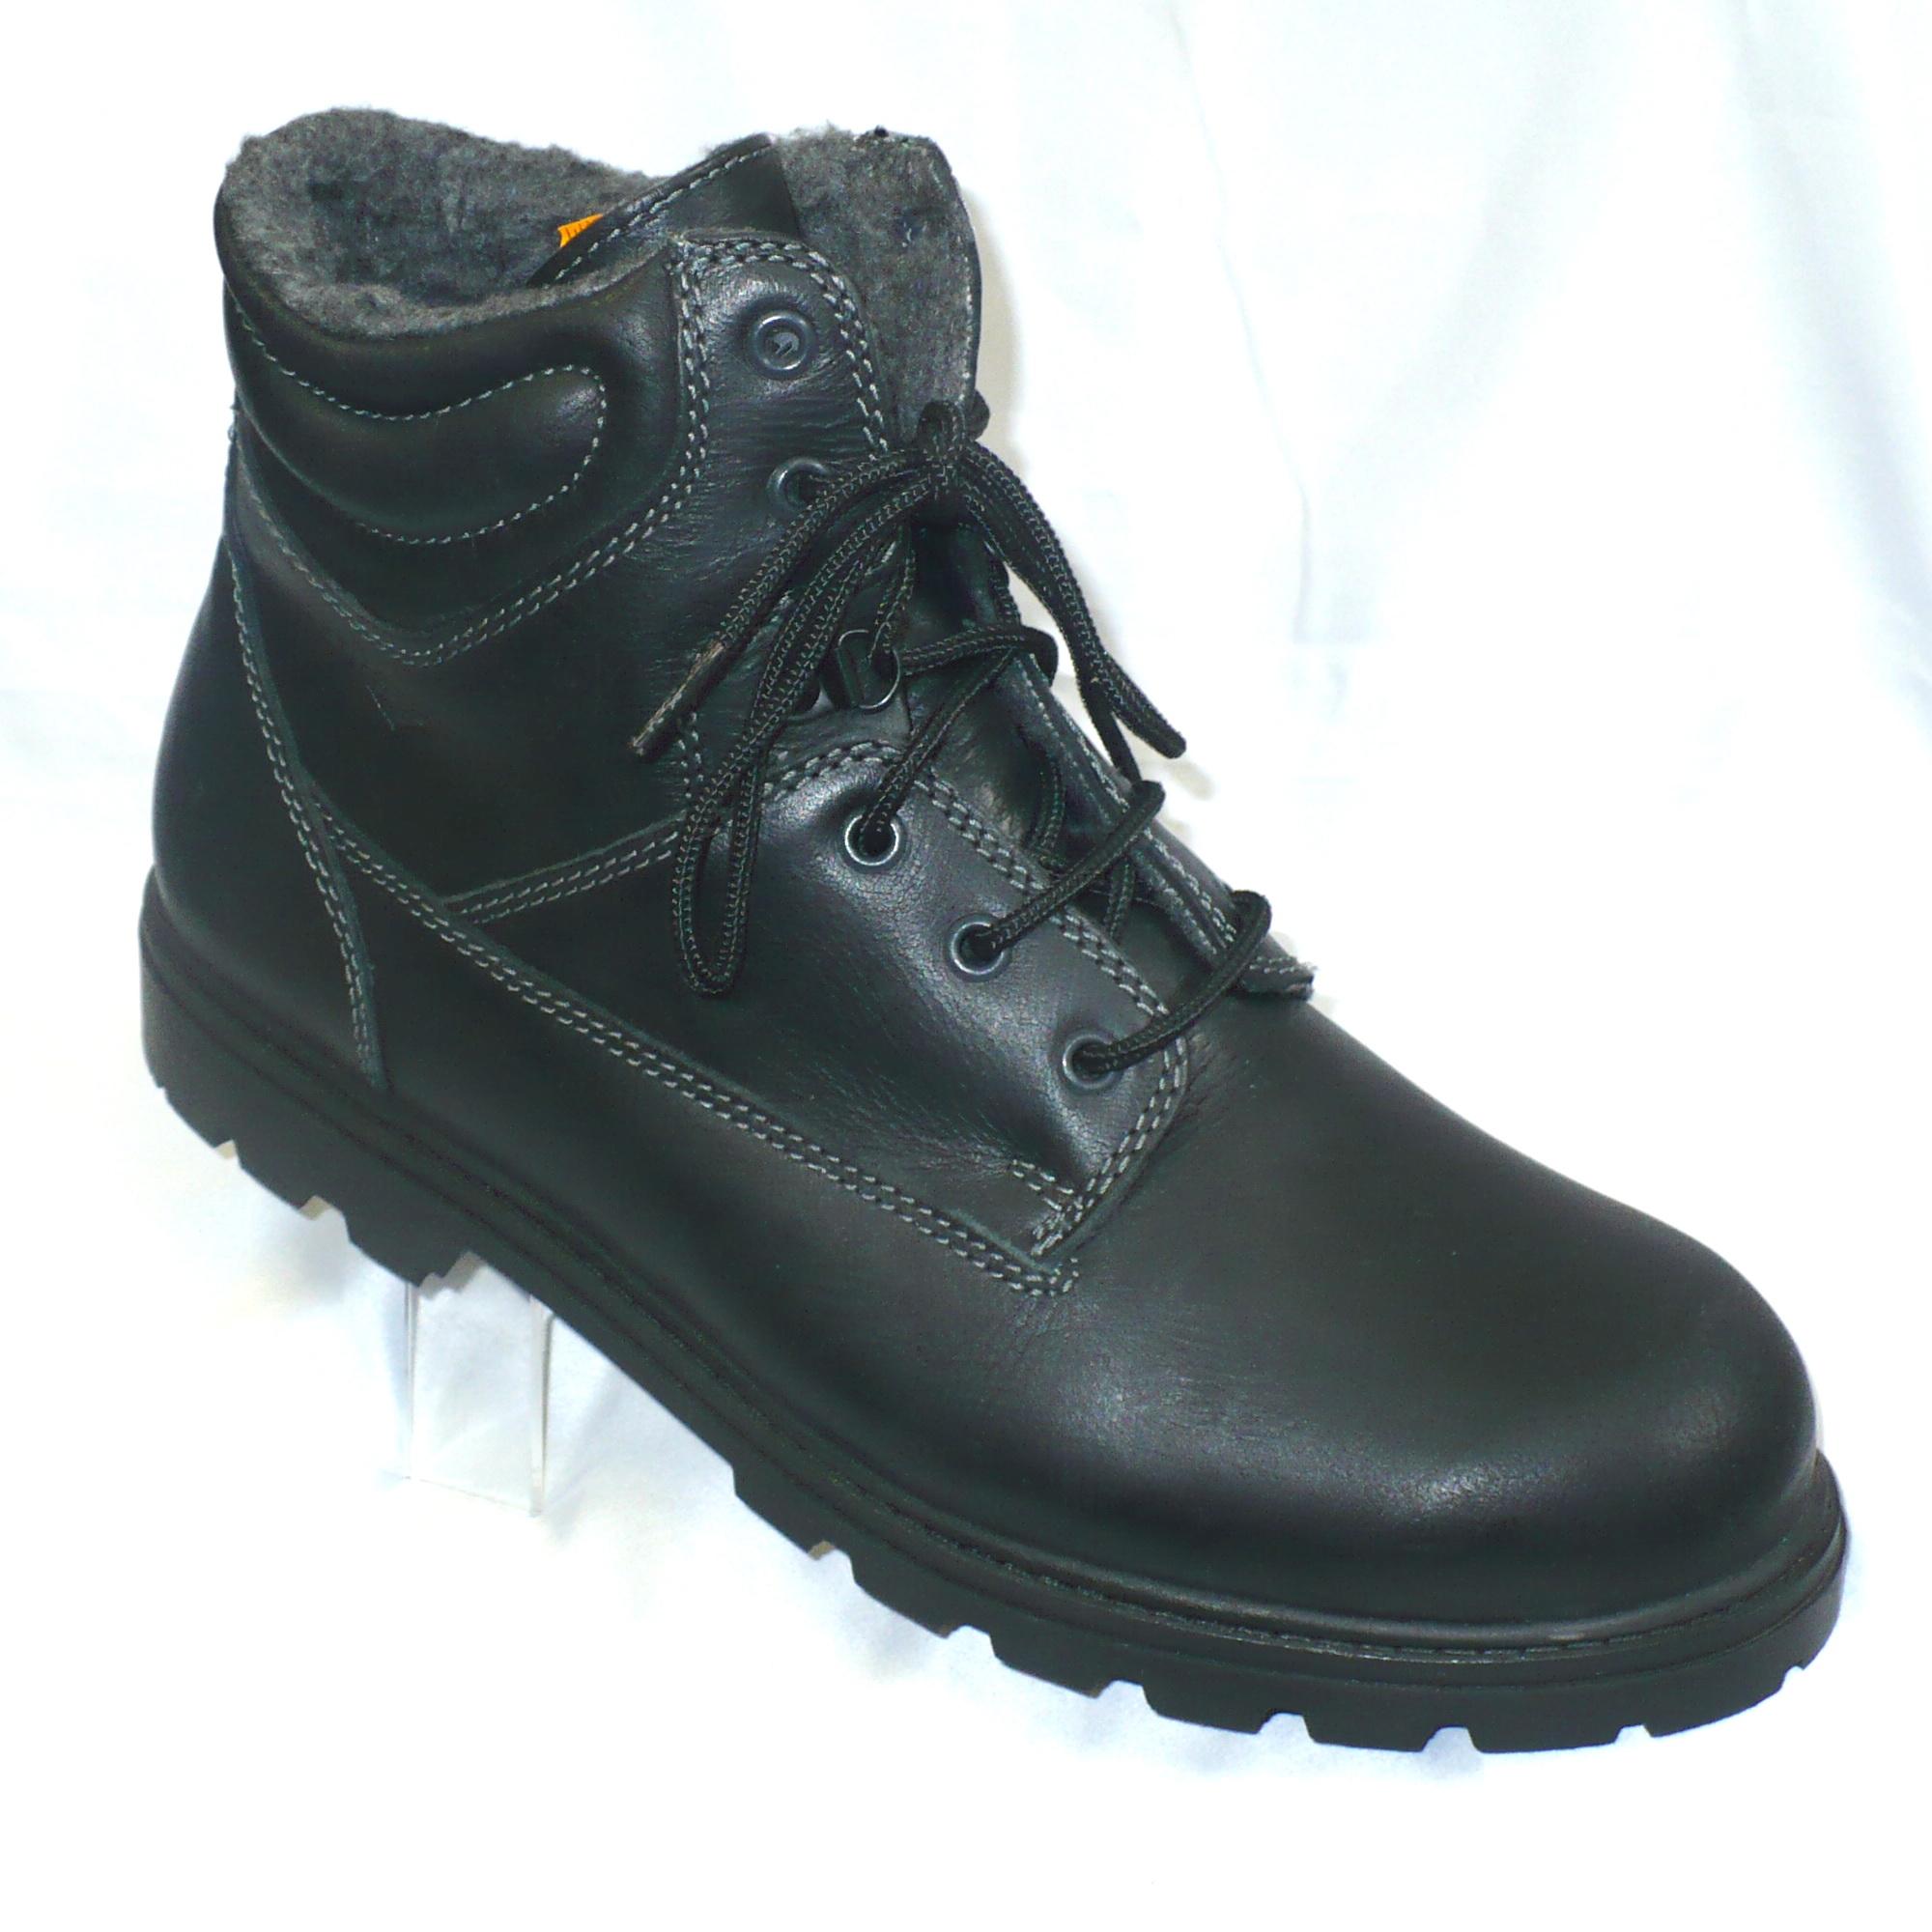 901d411cf0b Kotníková zimní obuv Prabos